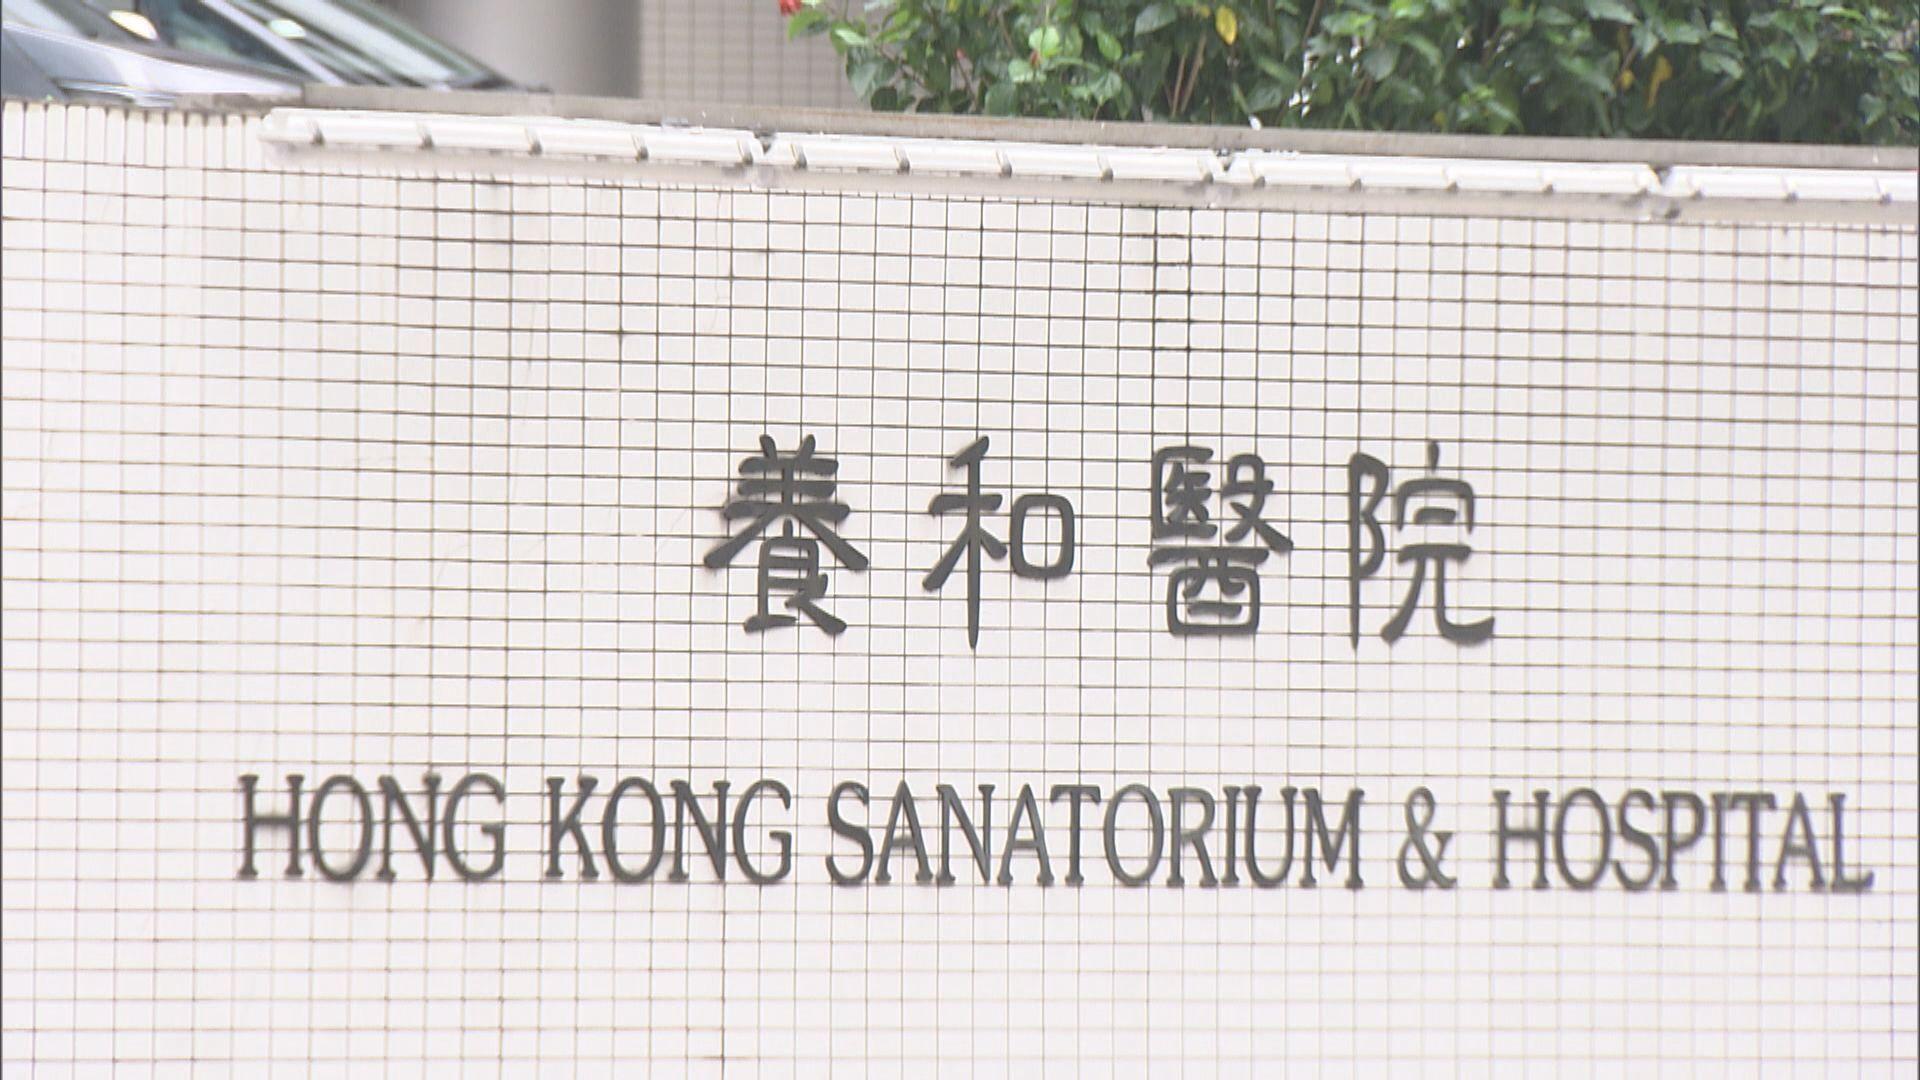 養和醫院現小型爆發 病人及兩職員初步確診